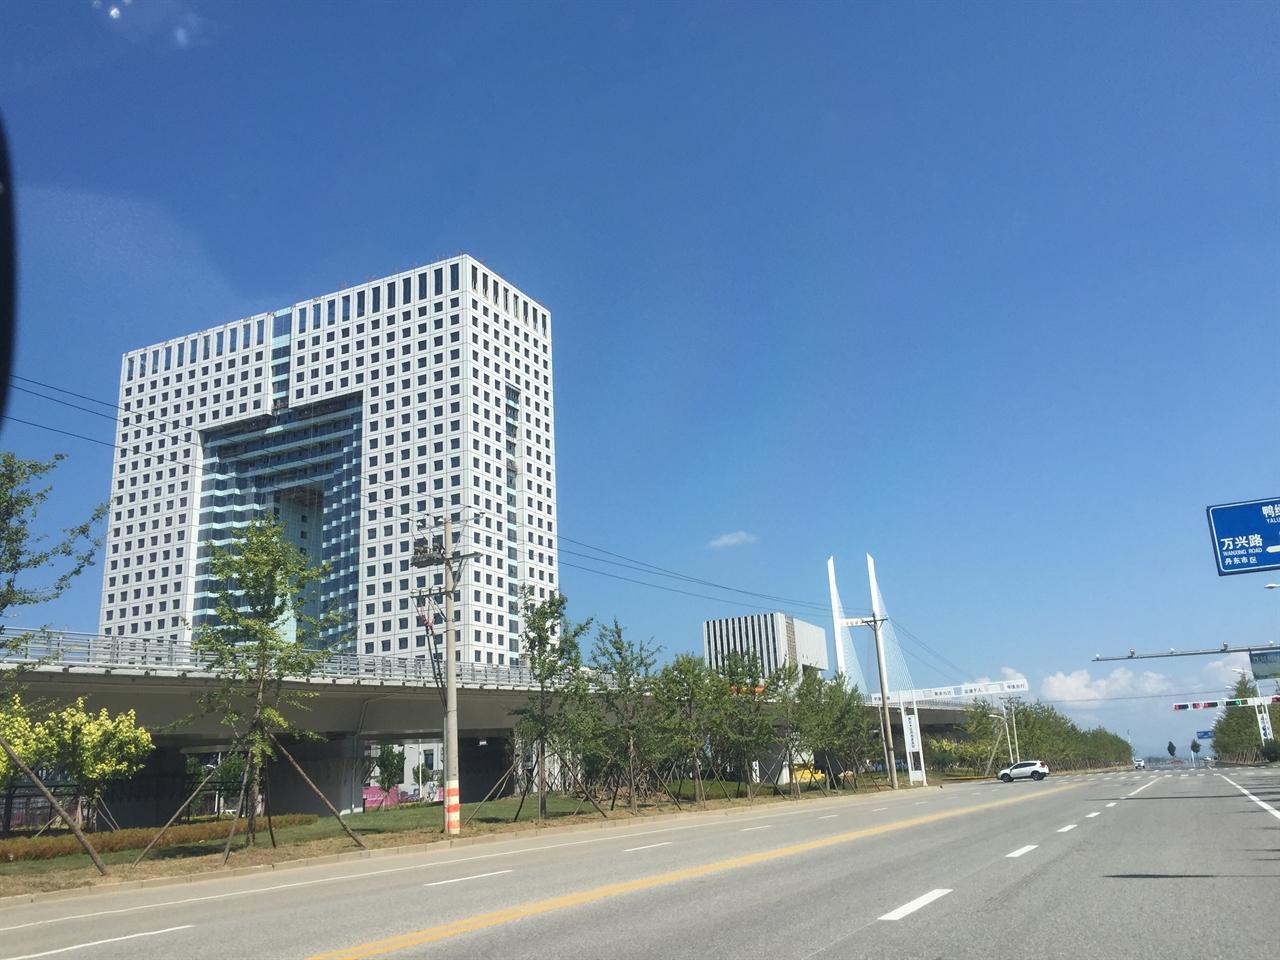 2015년 9월 6일에 촬영한 신압록강대교의 중국 측 인프라 부분 신압록강대교 바로 옆 북중 무역을 관장하는 종합 센터가 곧 완공을 준비하고 있다.